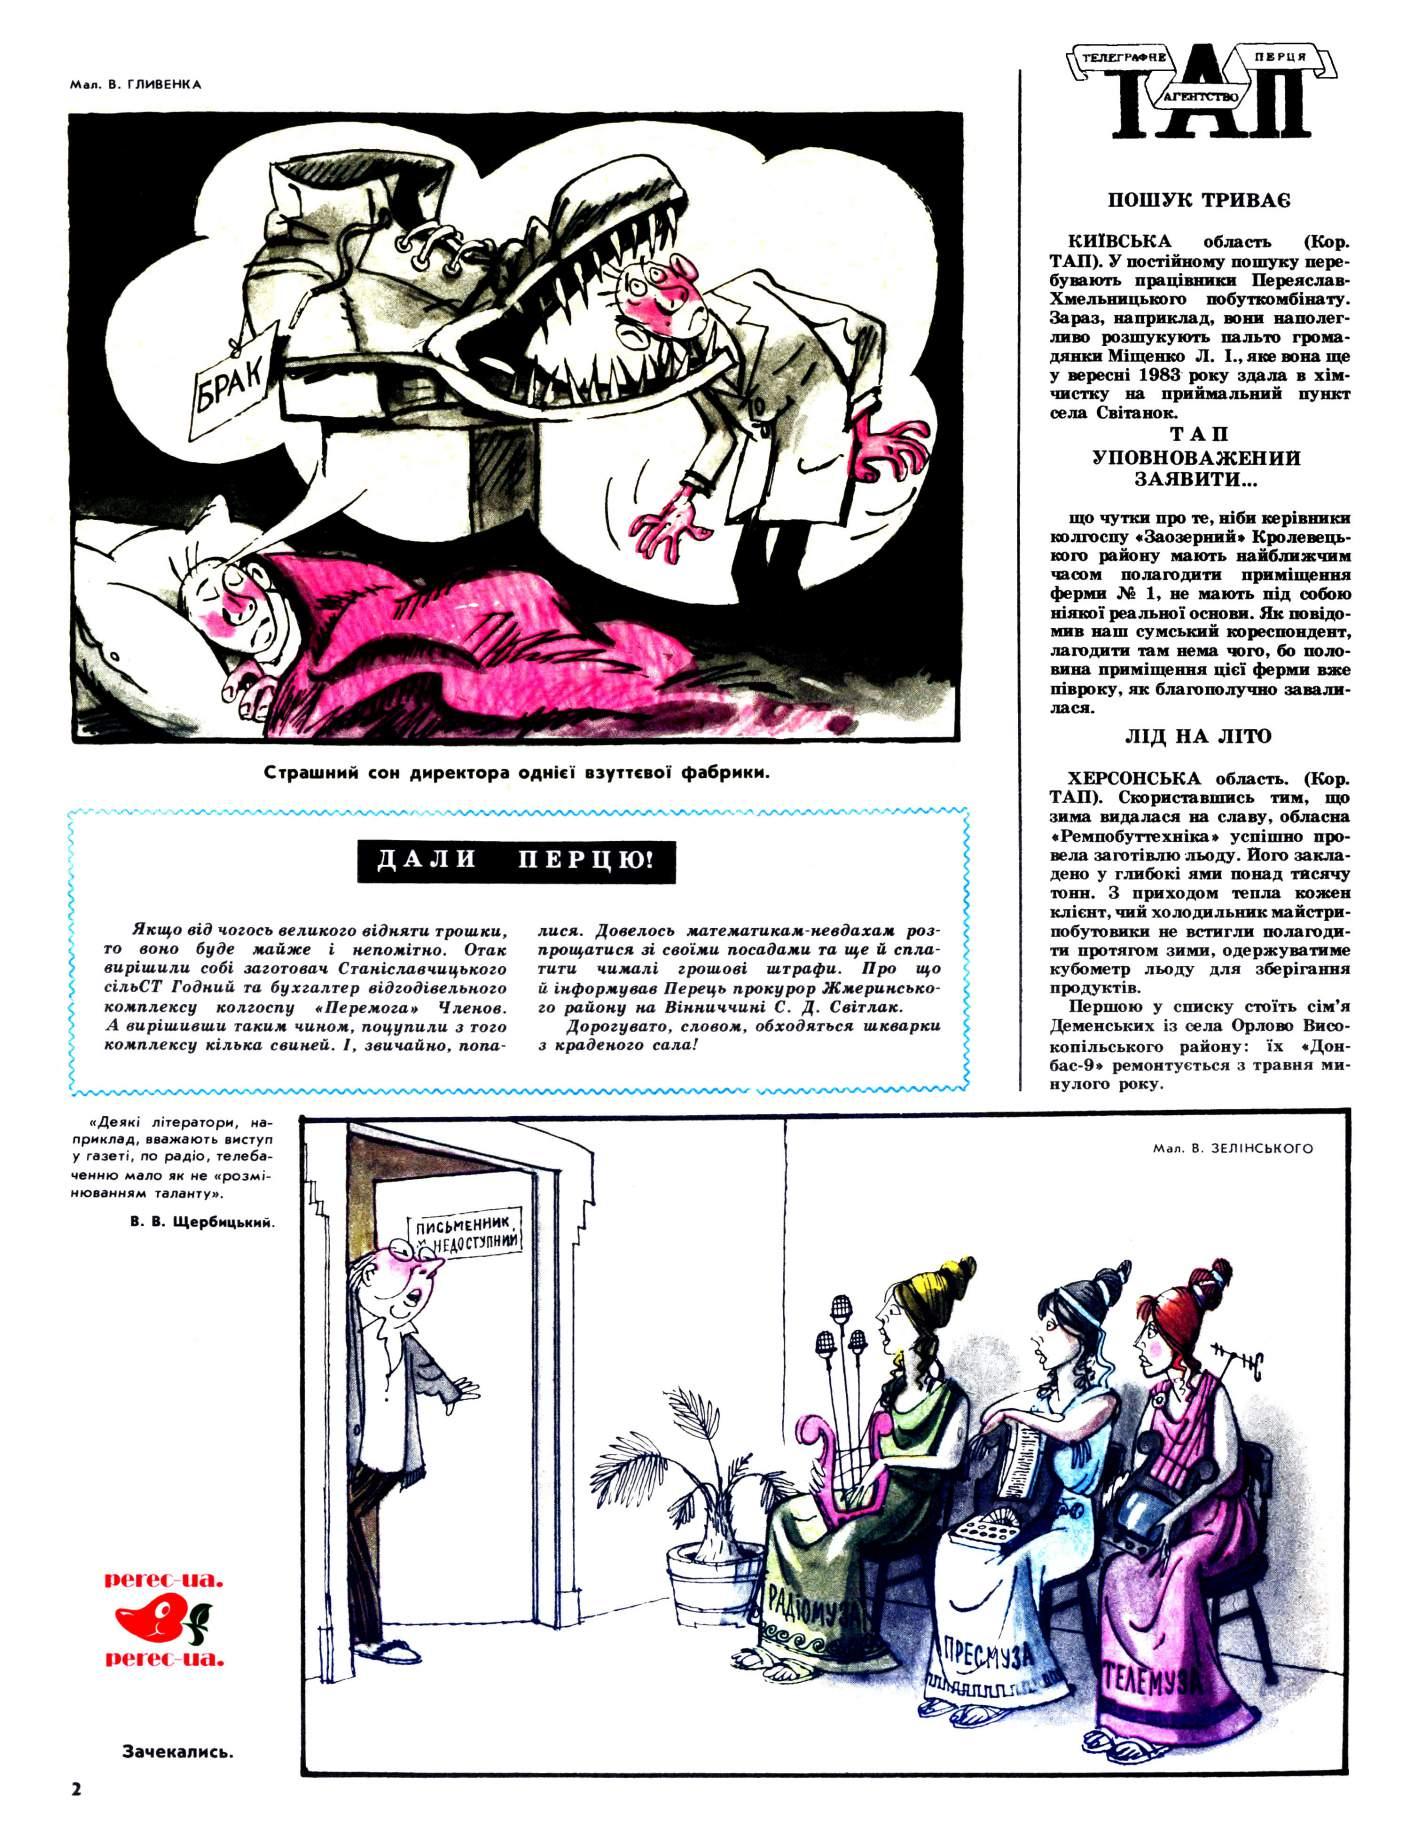 Журнал перець 1985 №05